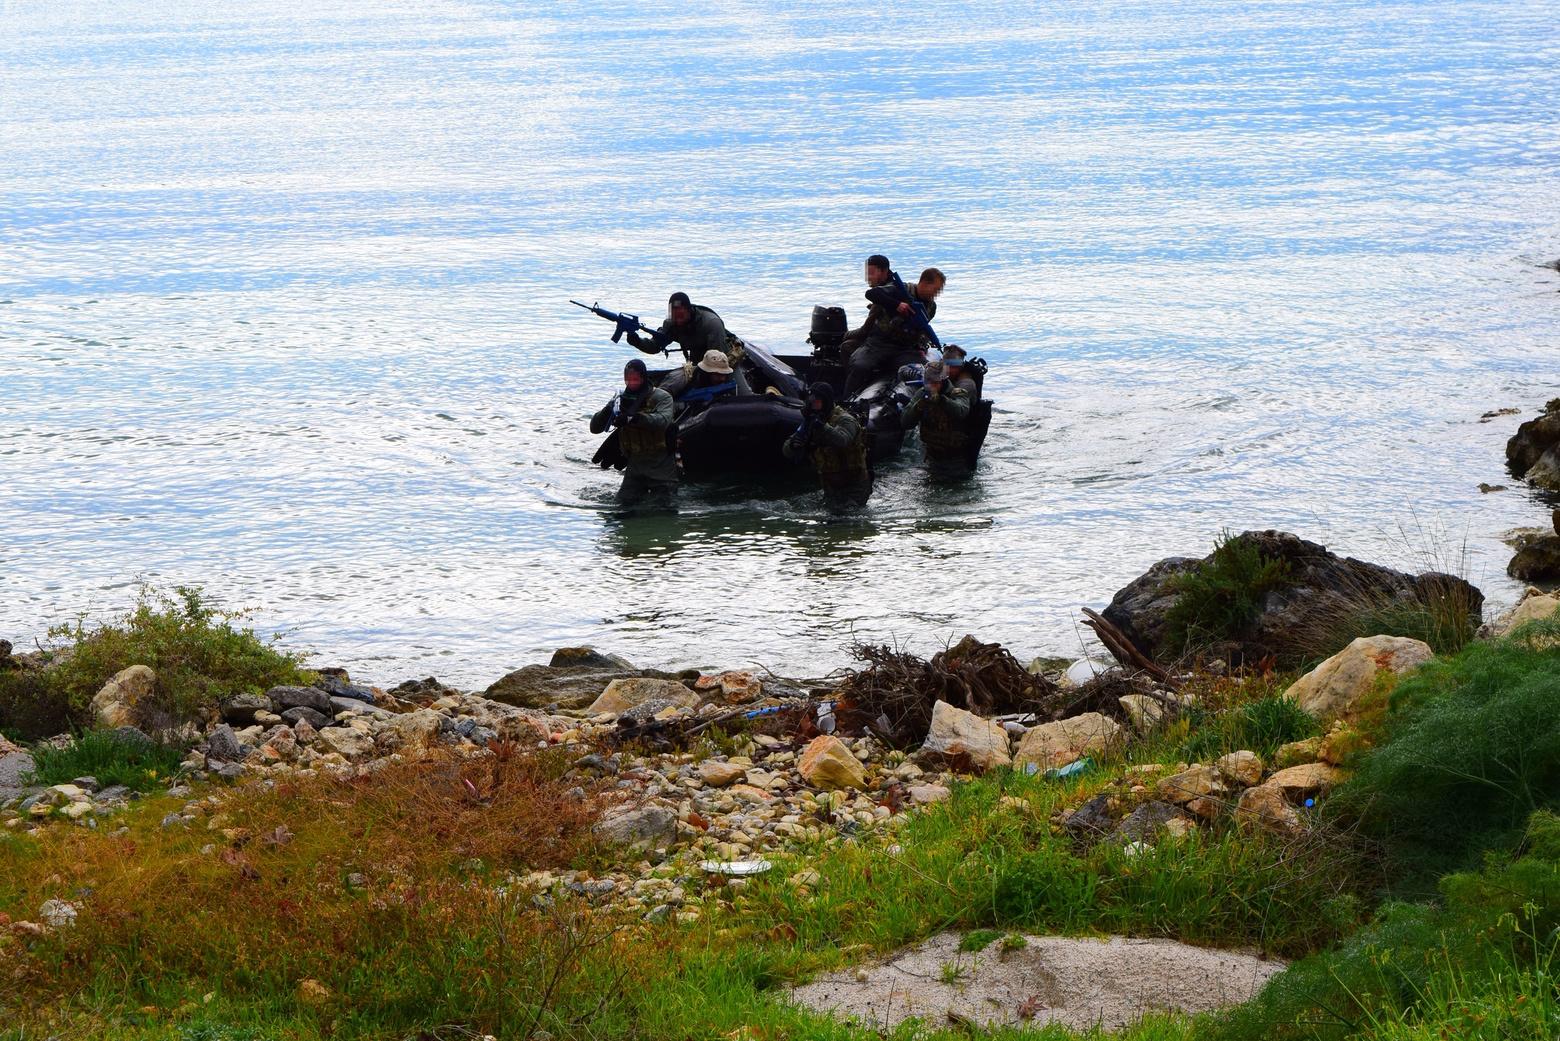 Διακρατική άσκηση Ελλάδας-Κύπρου–ΗΠΑ στη Σούδα από Δυνάμεις Ειδικών Επιχειρήσεων 23